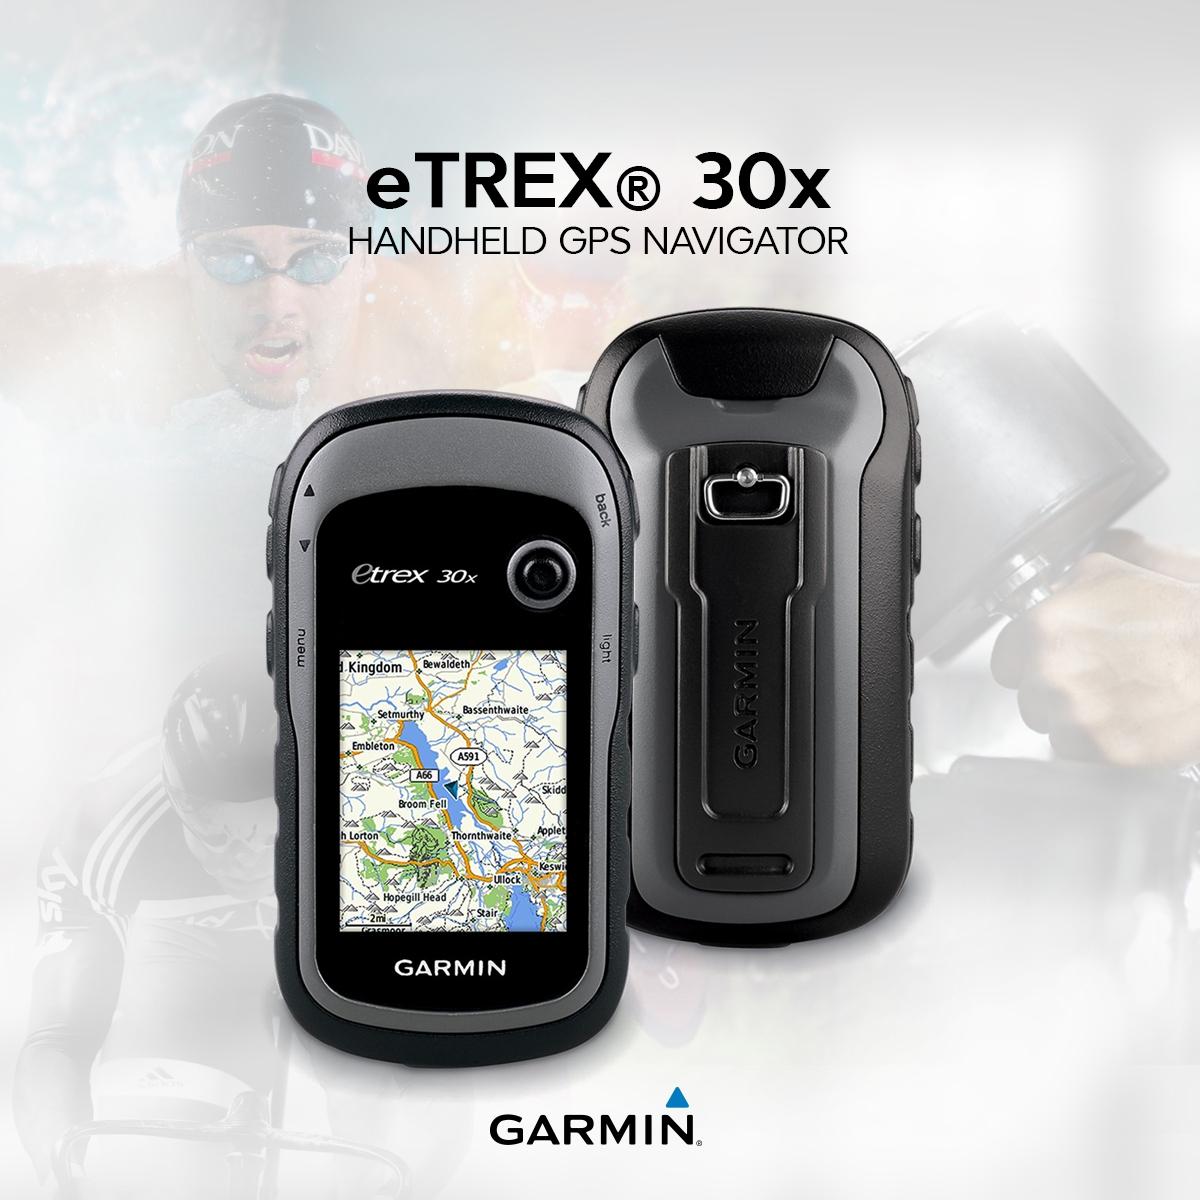 Garmin eTrex ® 30x Handheld GPS Navigator (010-01508-10)